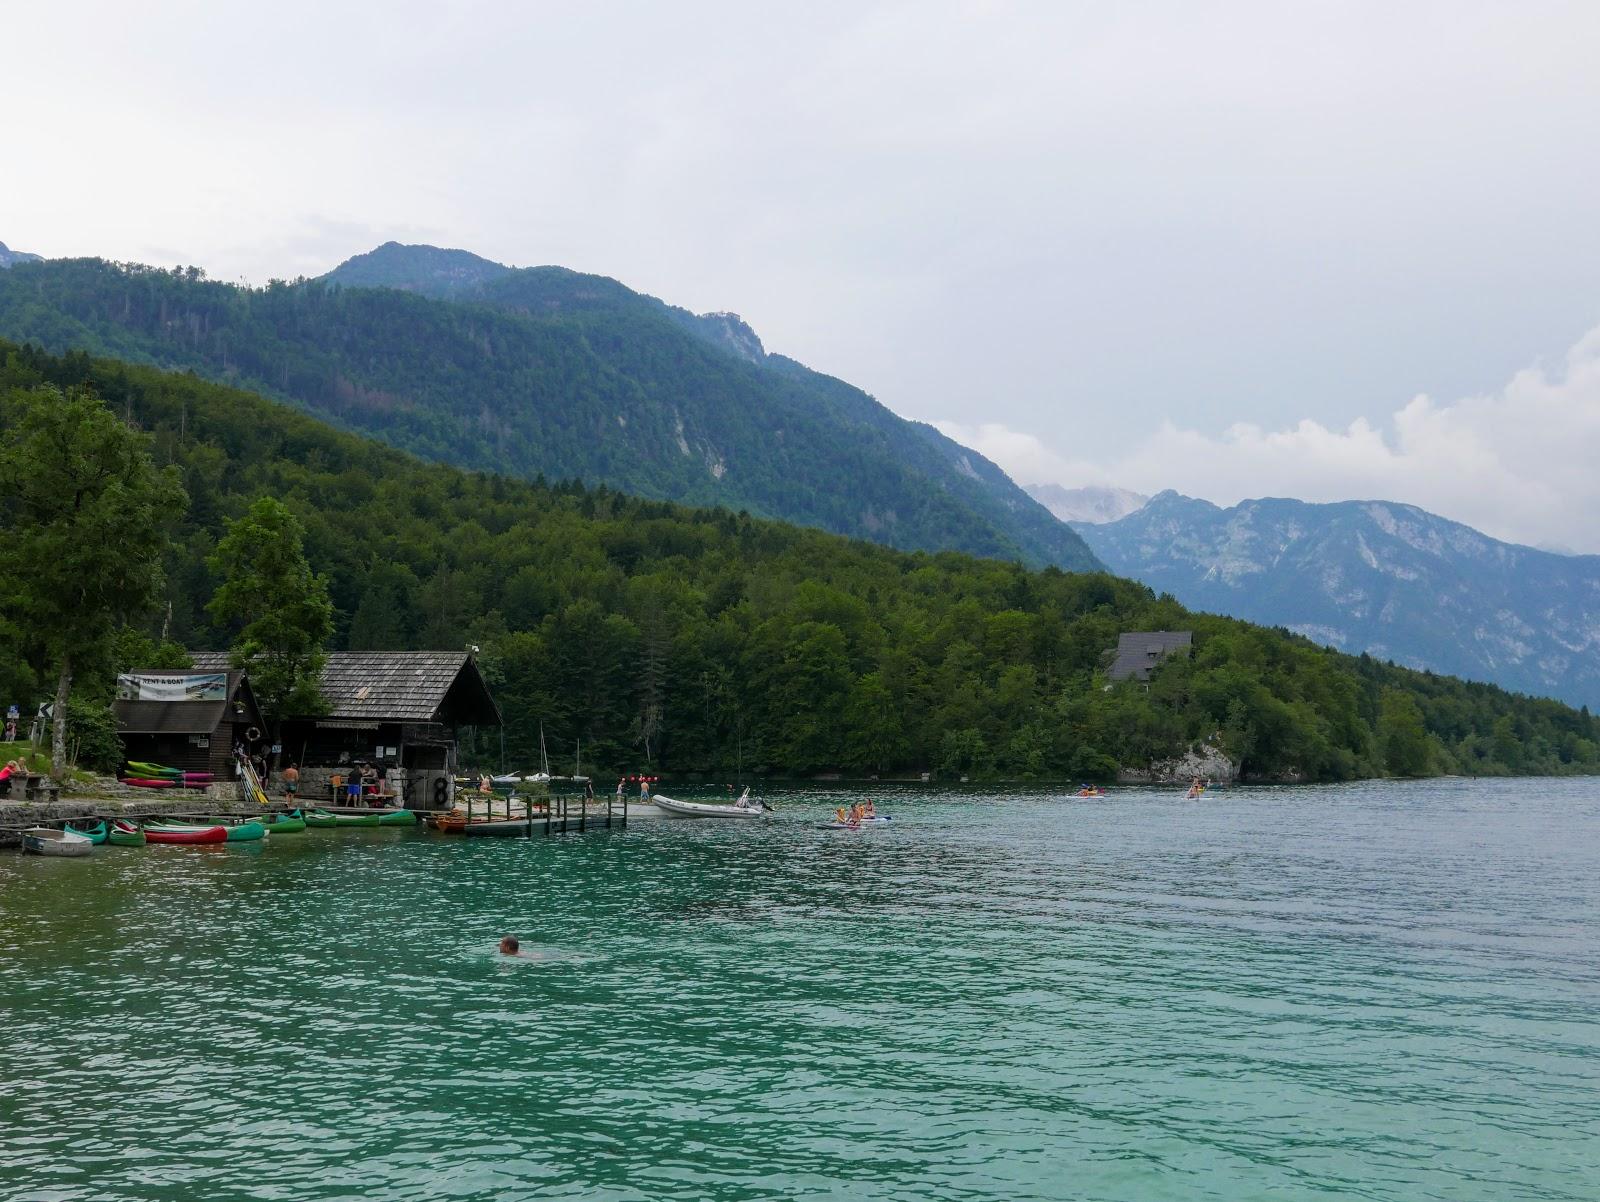 słowenia, słowenia atrakcje, słowenia atrakcje turystyczne, ałowenia jezioro, słowenia jezioro bohinj, alpy julisjkie, szczyty alp, alpy na pierszy raz, słowenia góry, słowenia atrakcje, słowenia szlaki, słowenia via ferraty